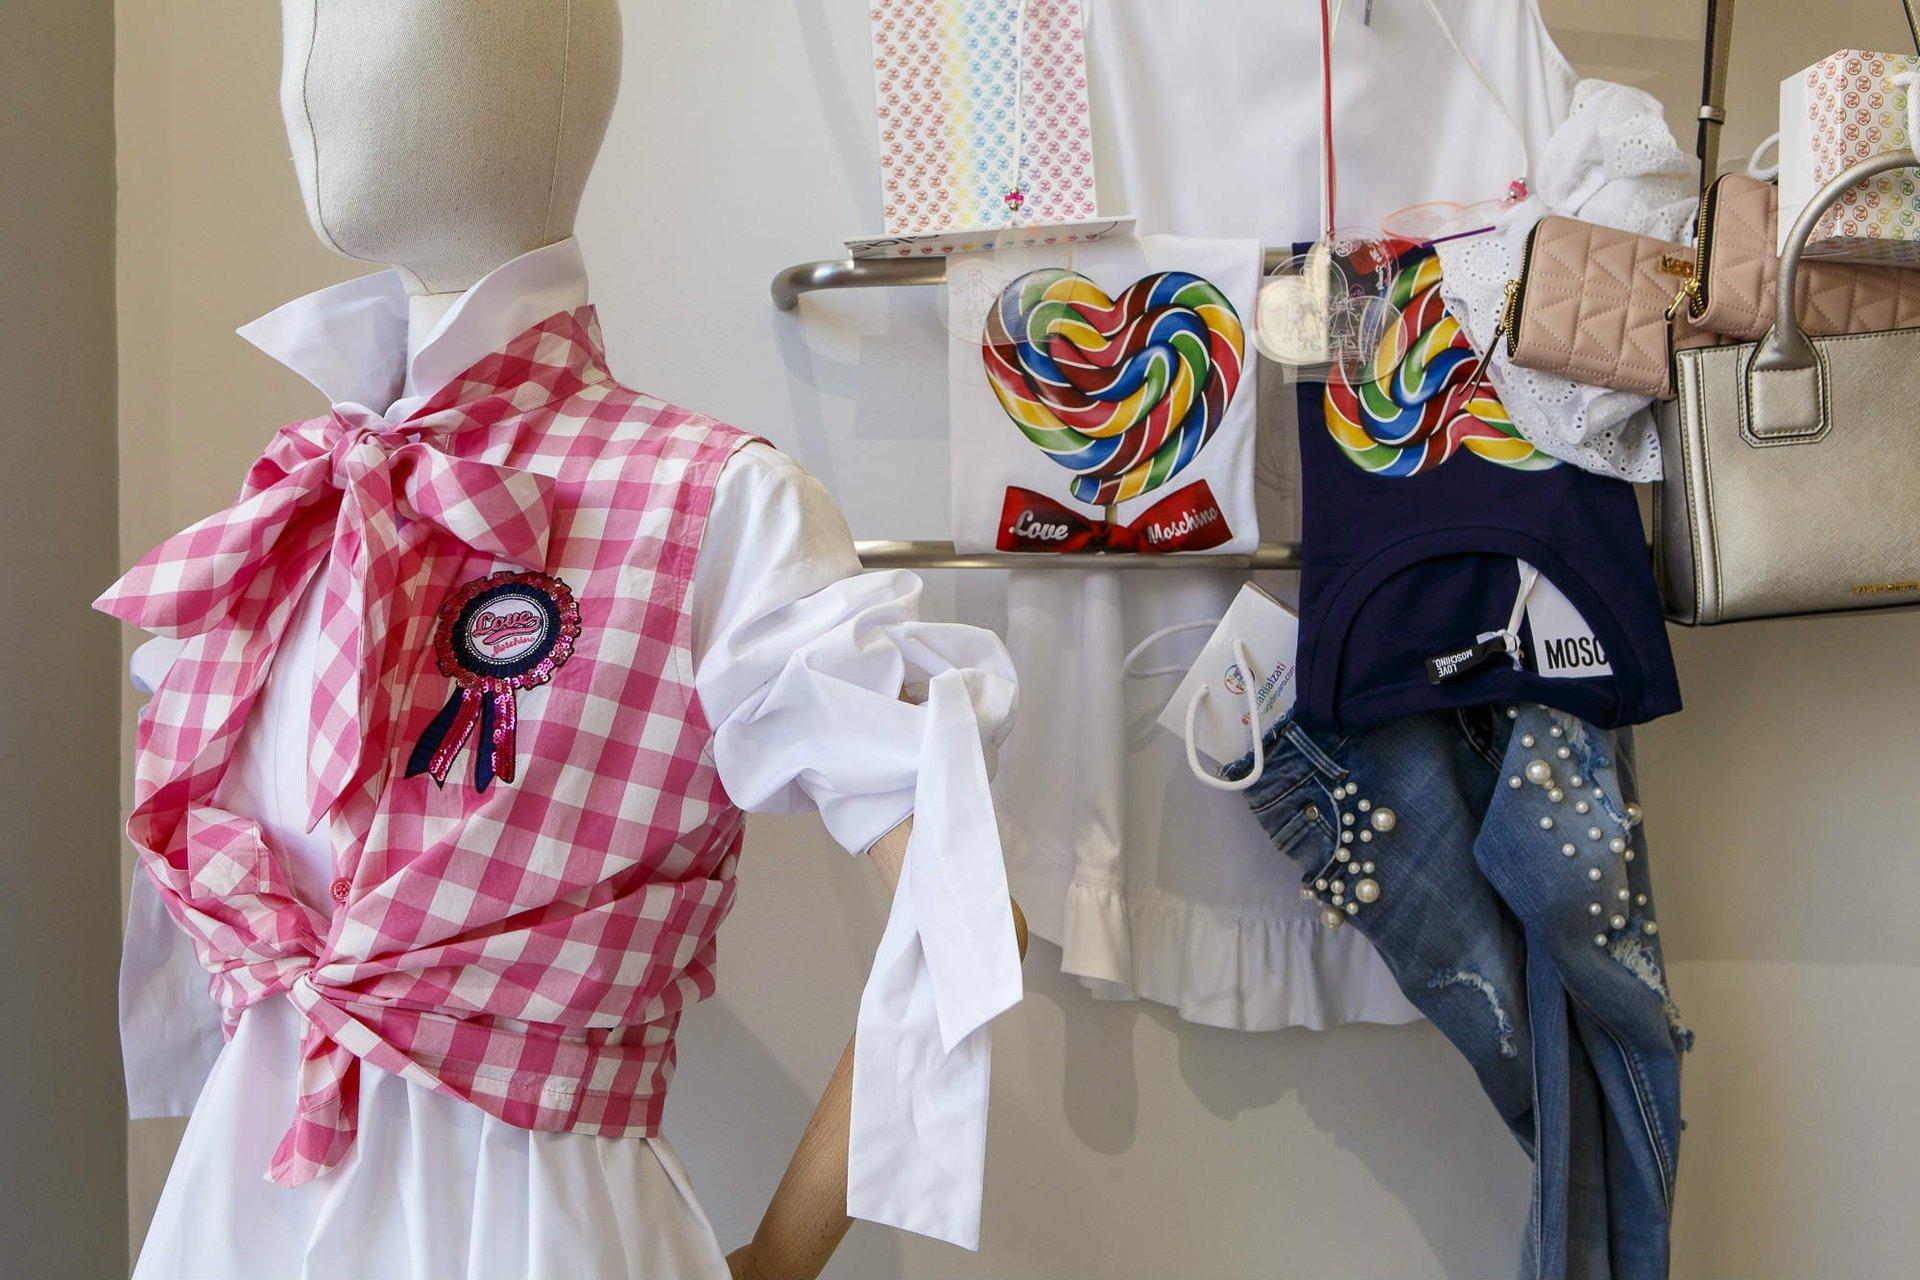 un manichino con una camicia bianca e un gilet a scacchi di color rosa e bianco